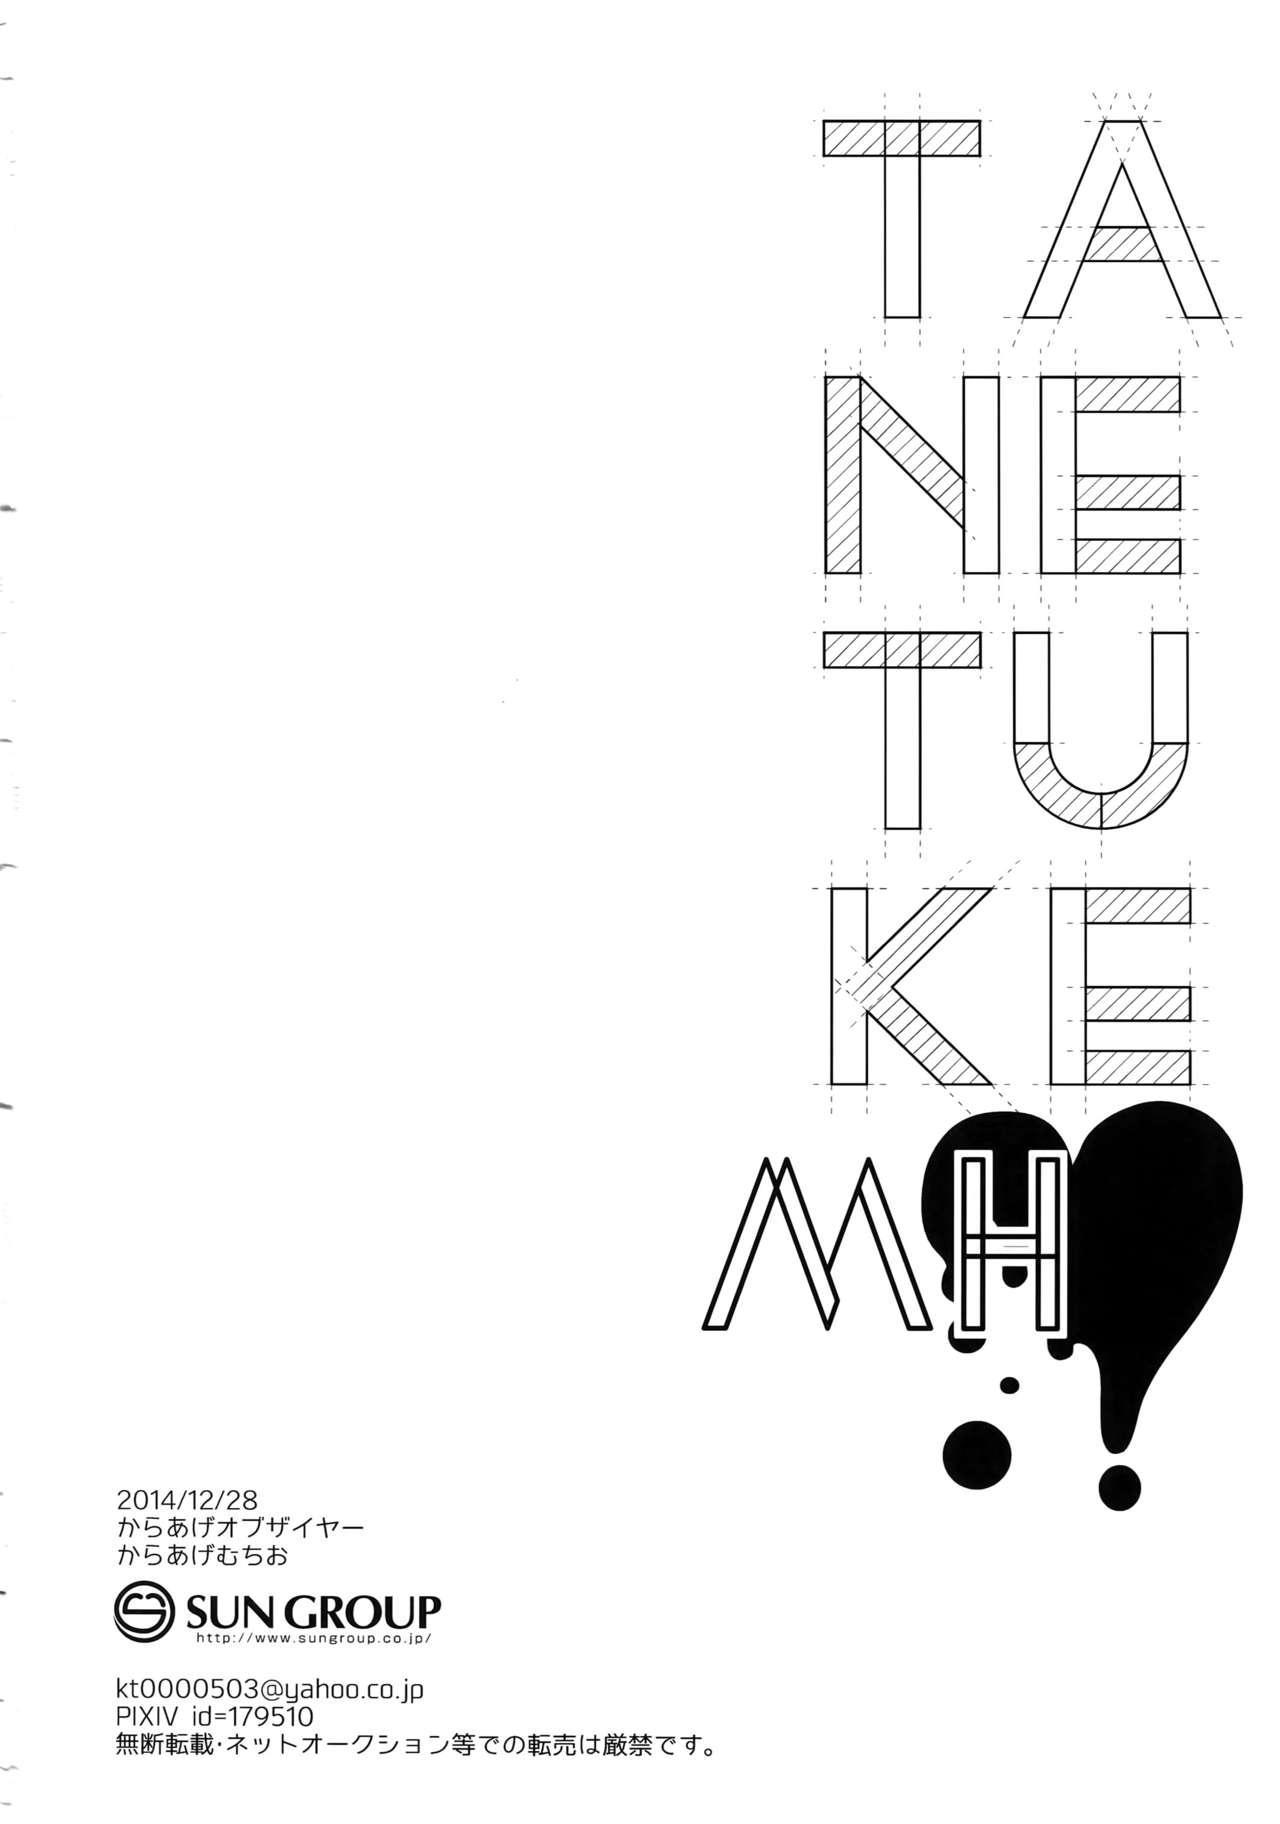 TANETUKE MH 20